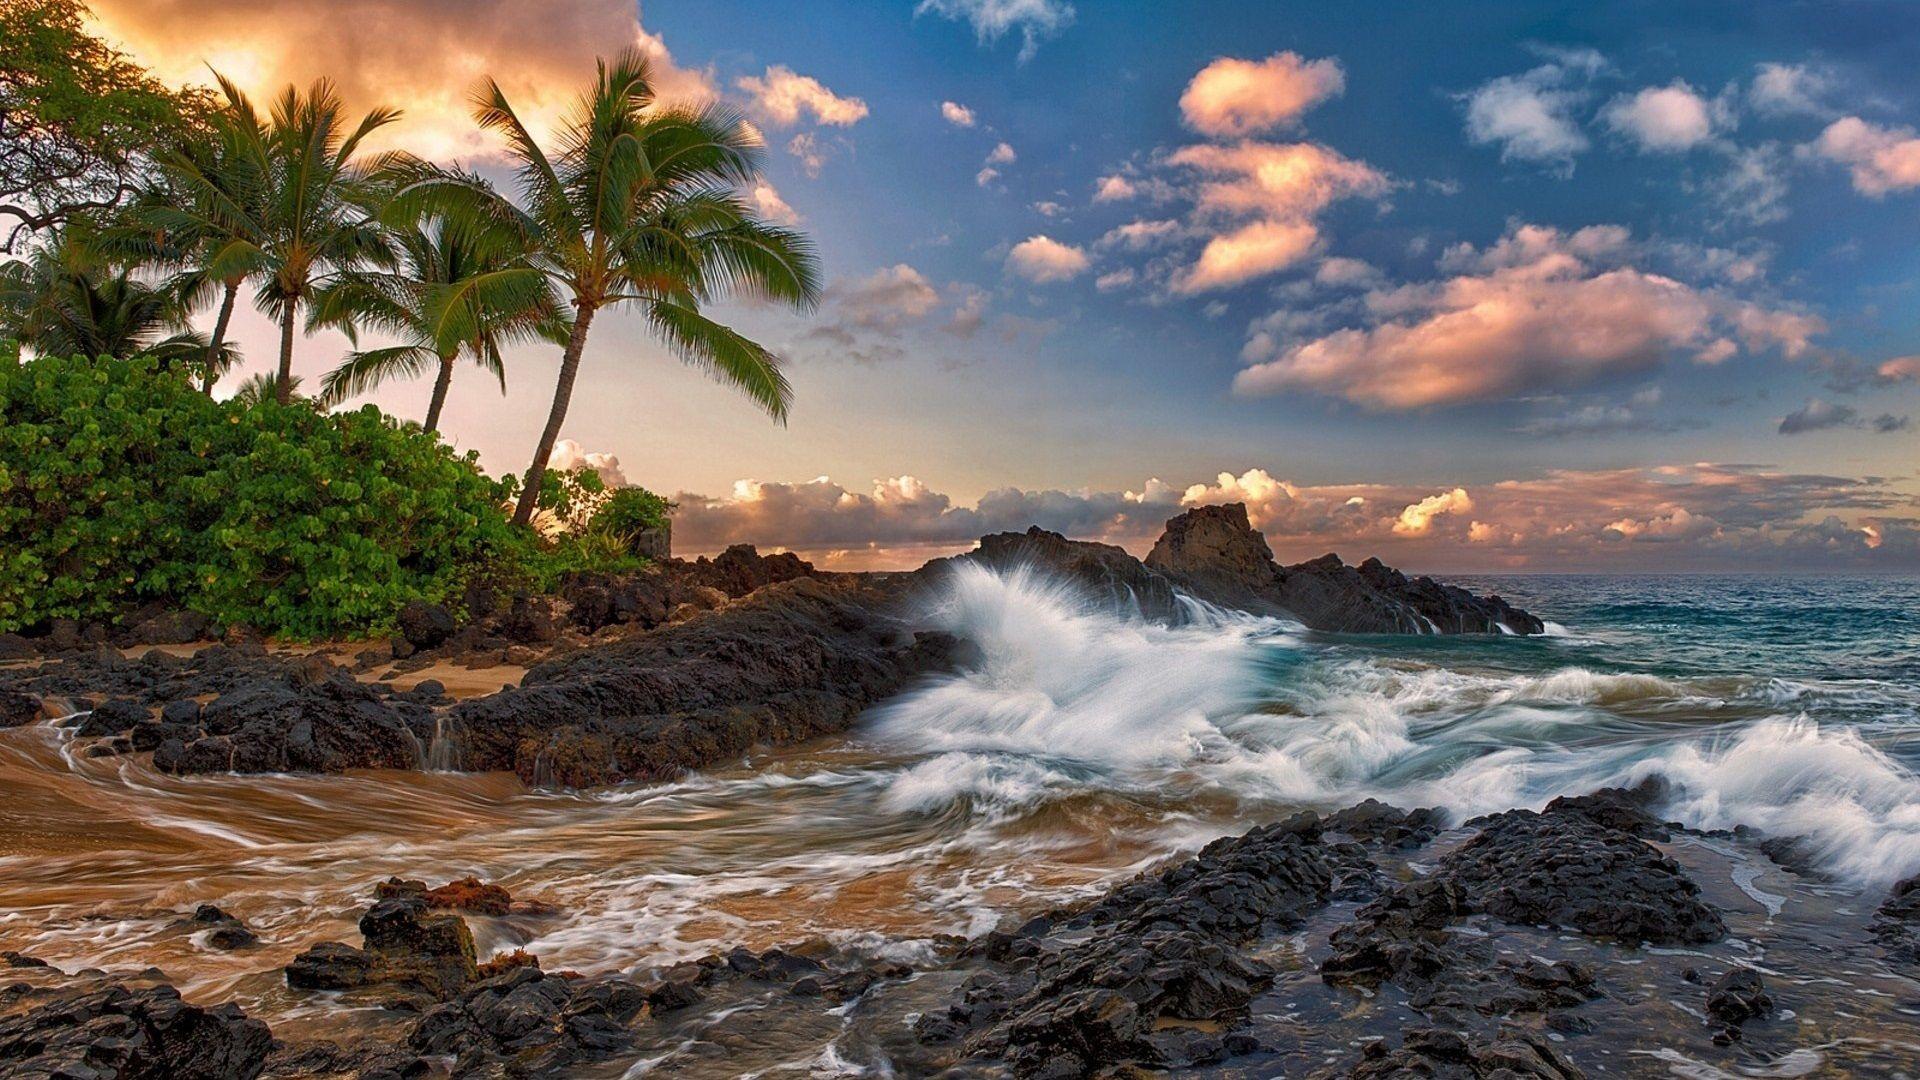 Maui Hawaii Calme Ocean Roches Des Palmiers La Plage Fonds D Ecran 1920x1080 Fonds D Ecran De Telechargement Paysage Plage Paysage Maui